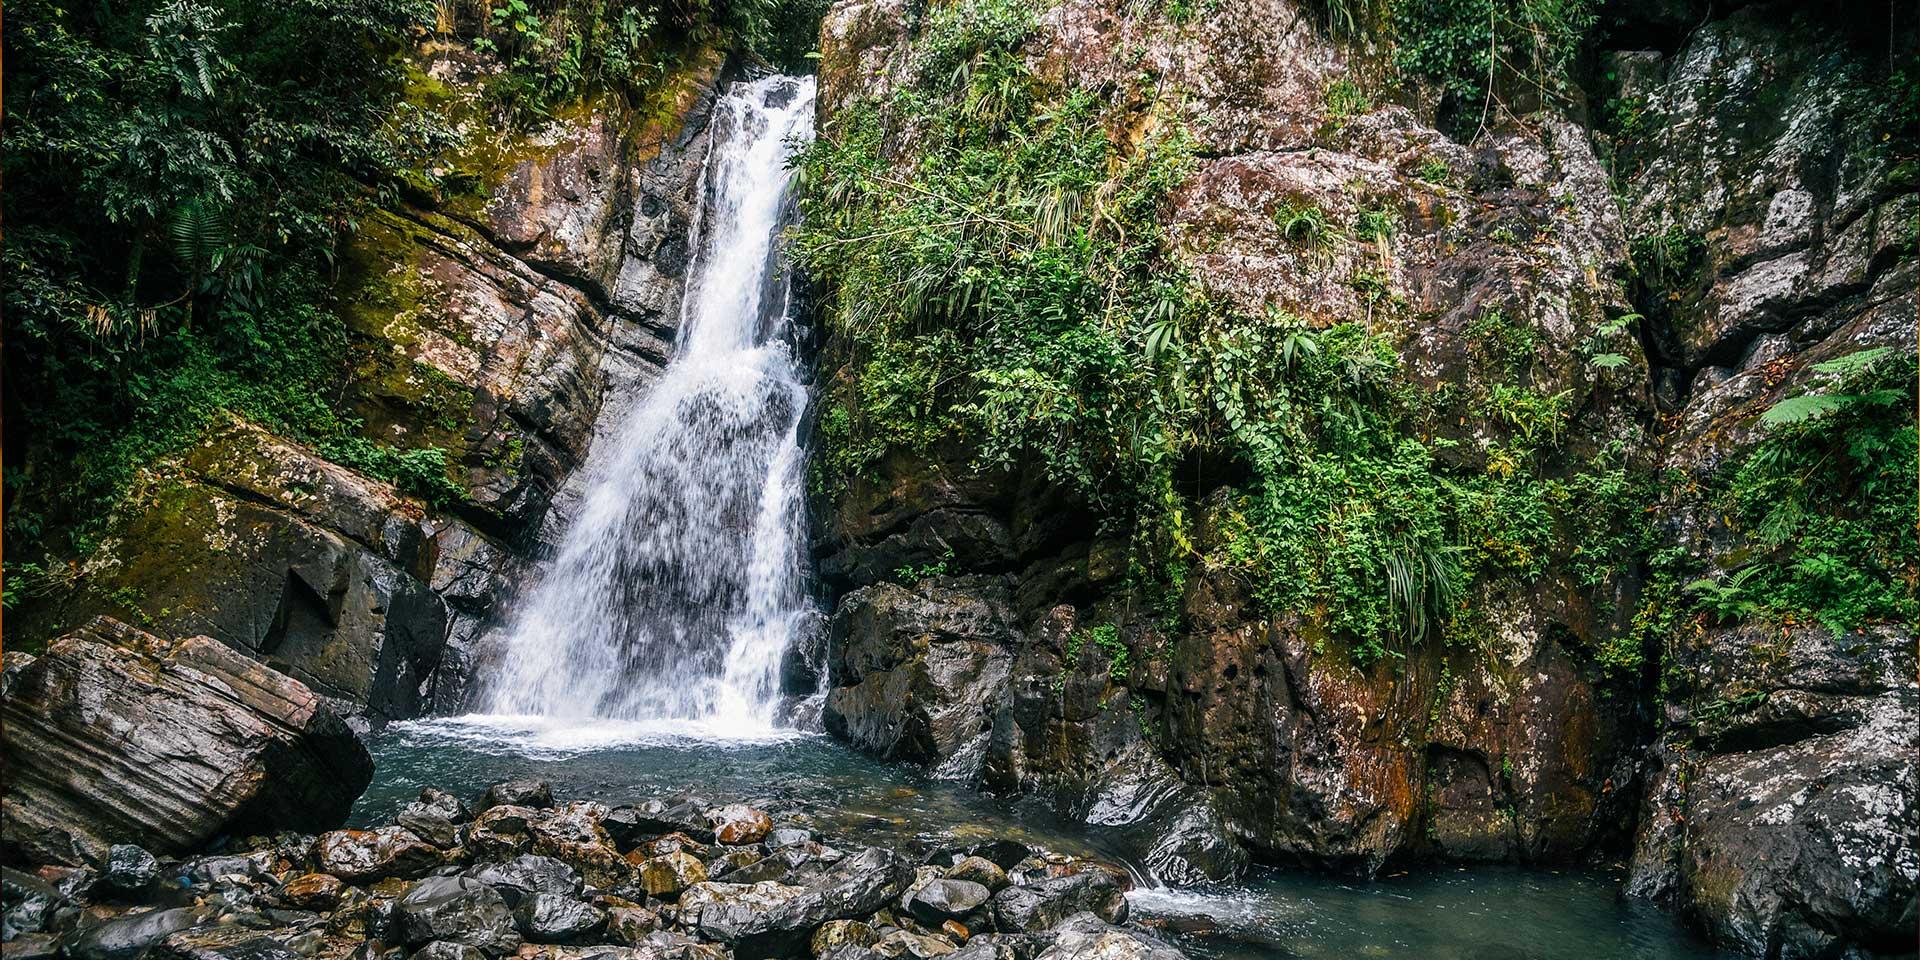 Puerto rico sites